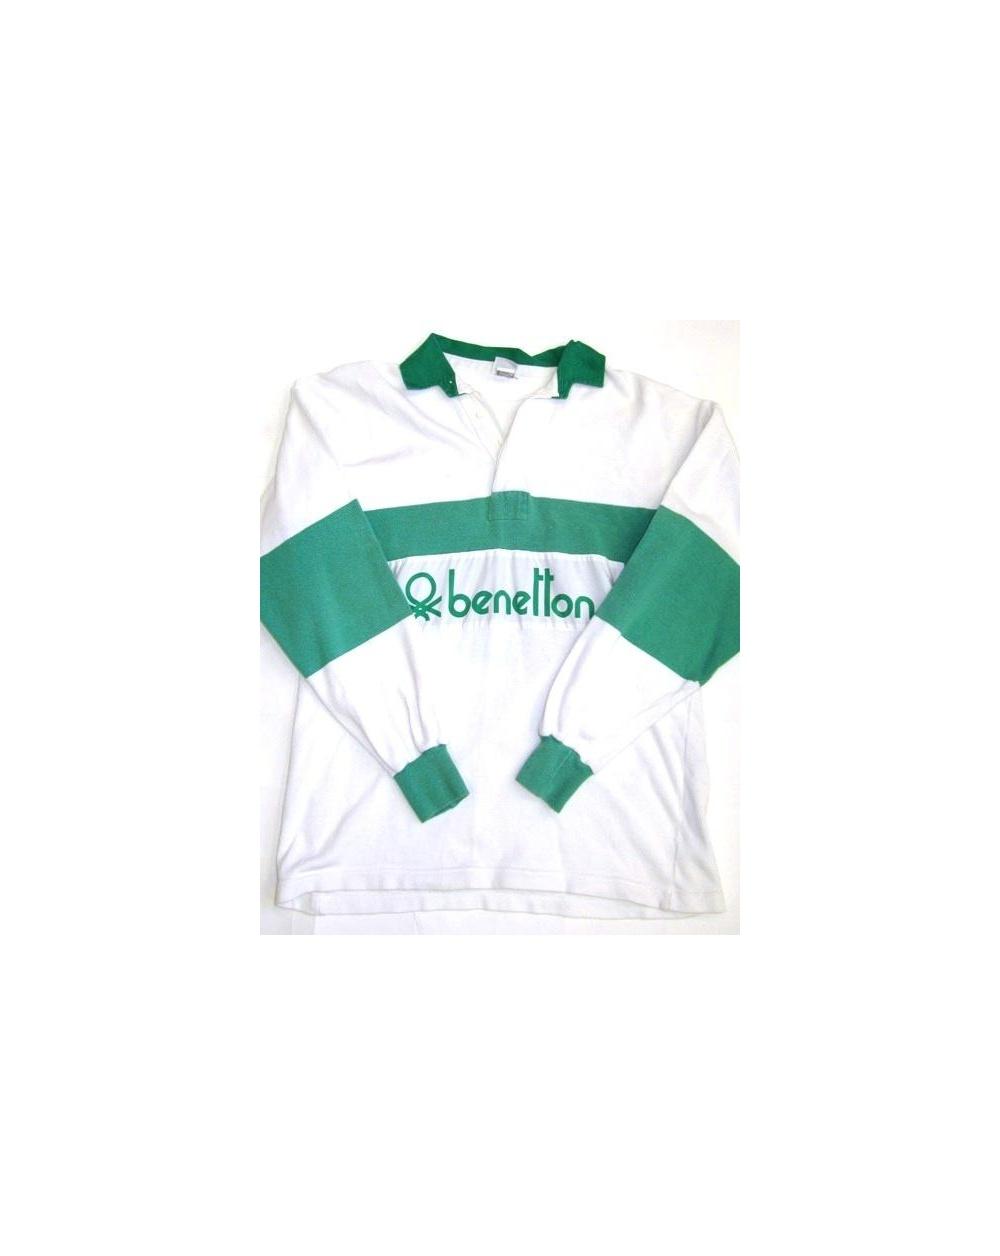 abd95a45f92 Benetton Rugby Vintage 80s Sweatshirt White Green - Vintage Benetton ...